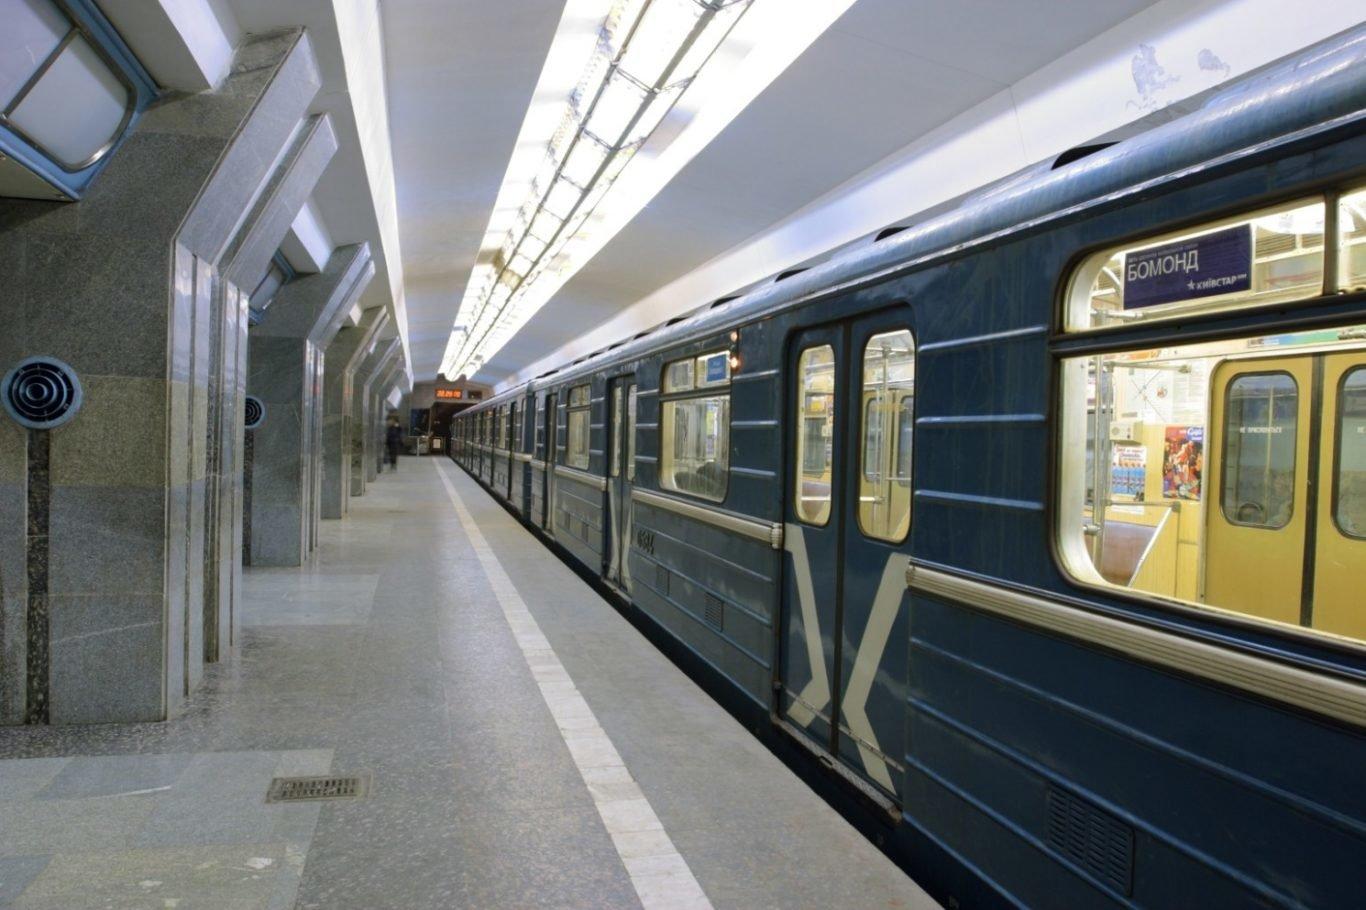 Доступное тестирование на COVID-19 и открытие метро. Что харьковчане просили у Кернеса во время карантина, фото-1